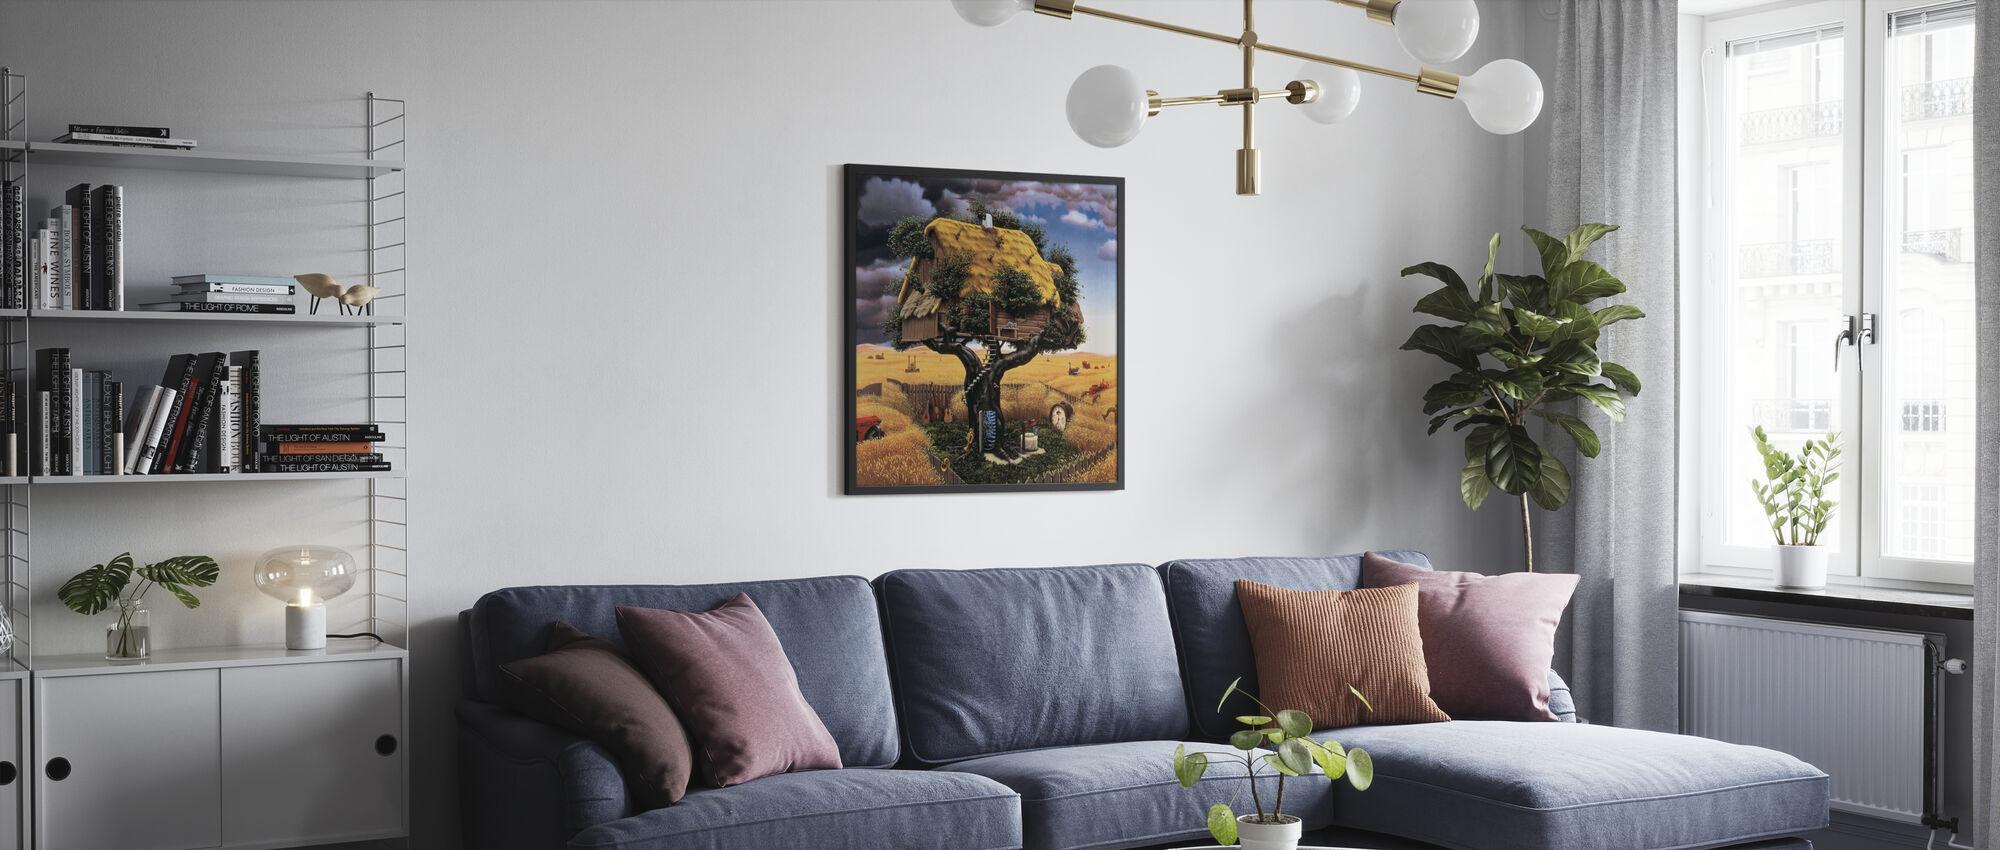 Amok Ernte - Poster - Wohnzimmer